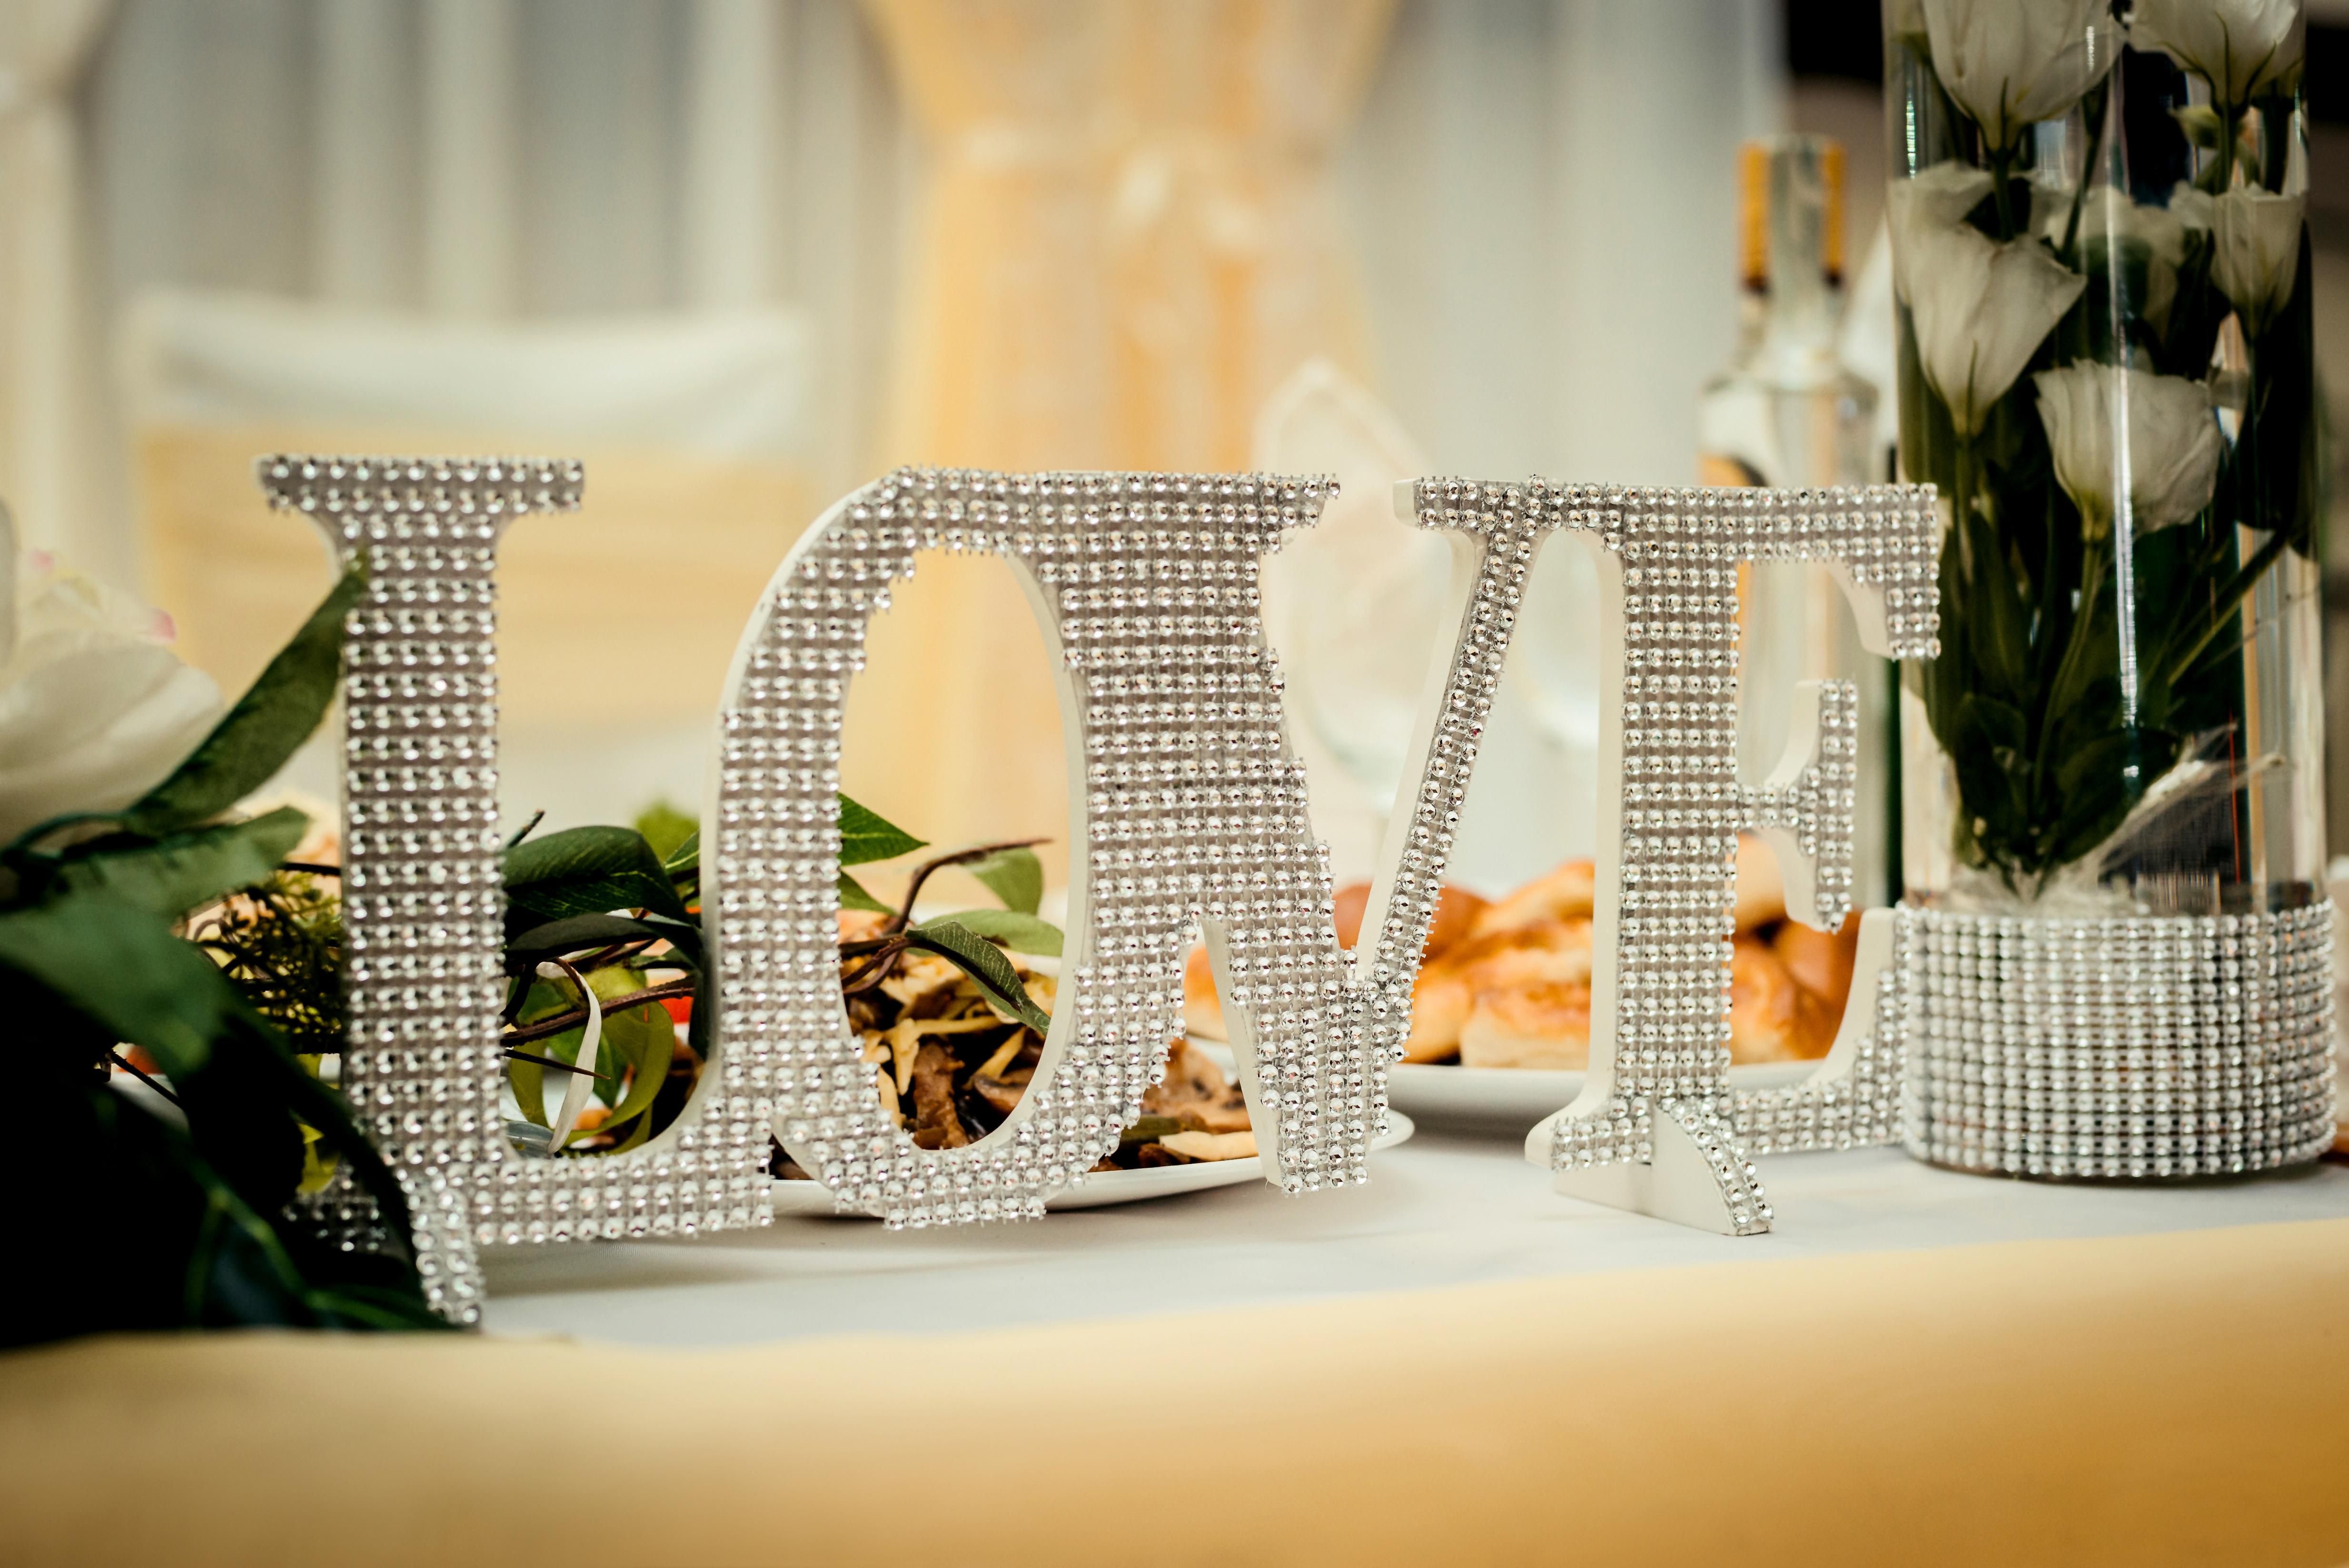 Matrimonio: guida pratica per gli sposi